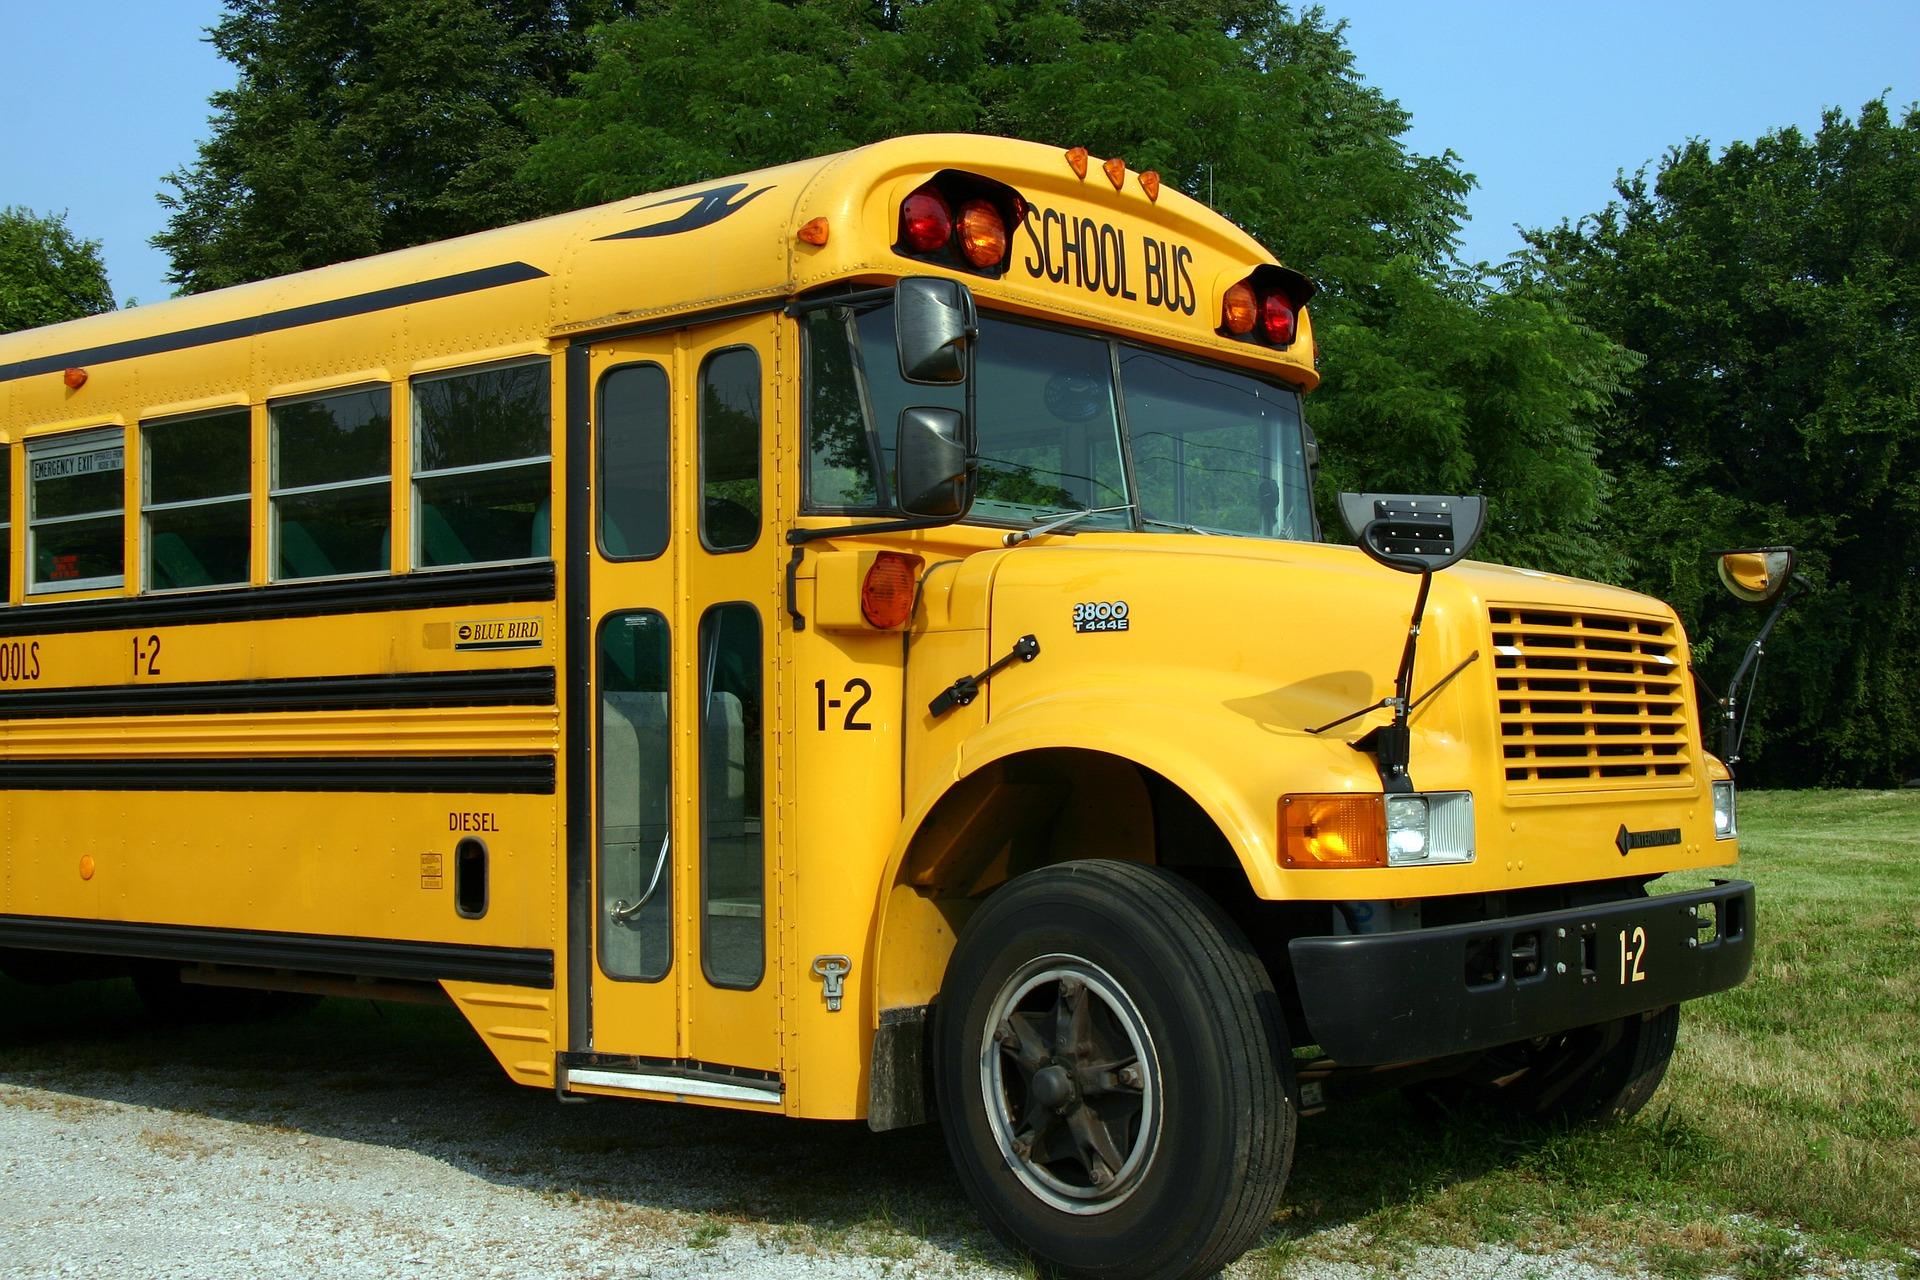 Garland County Public Schools